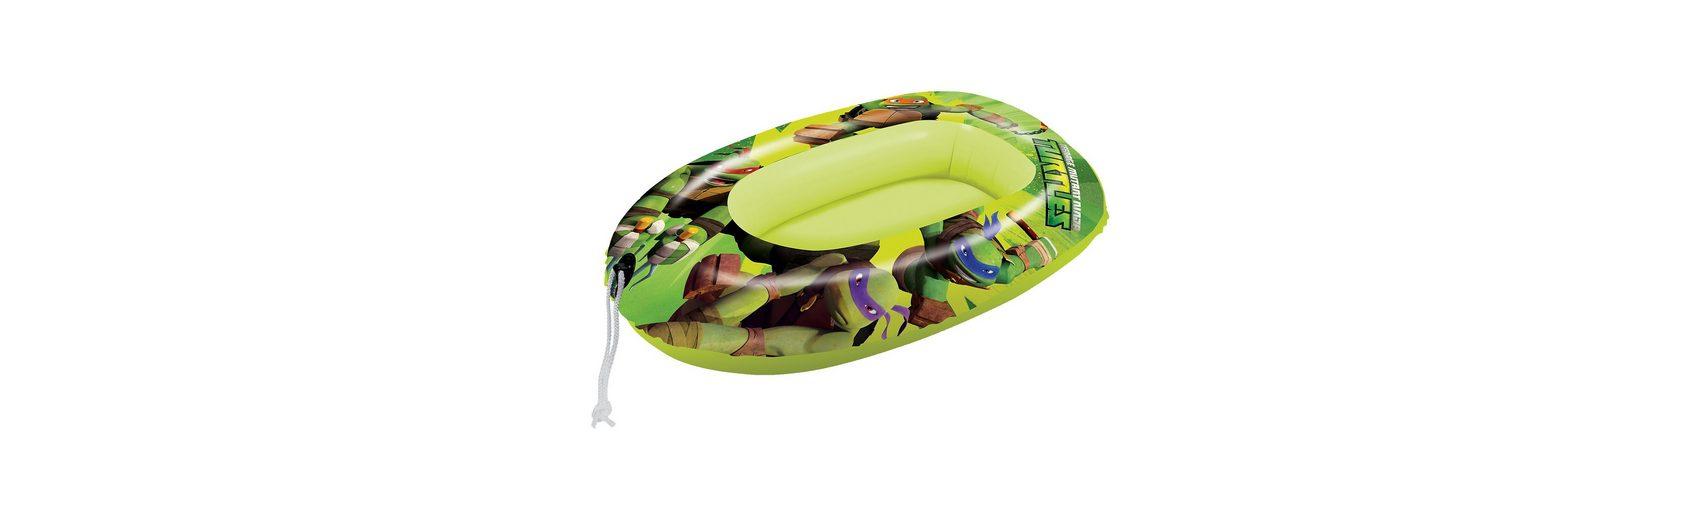 Turtles Schlauchboot